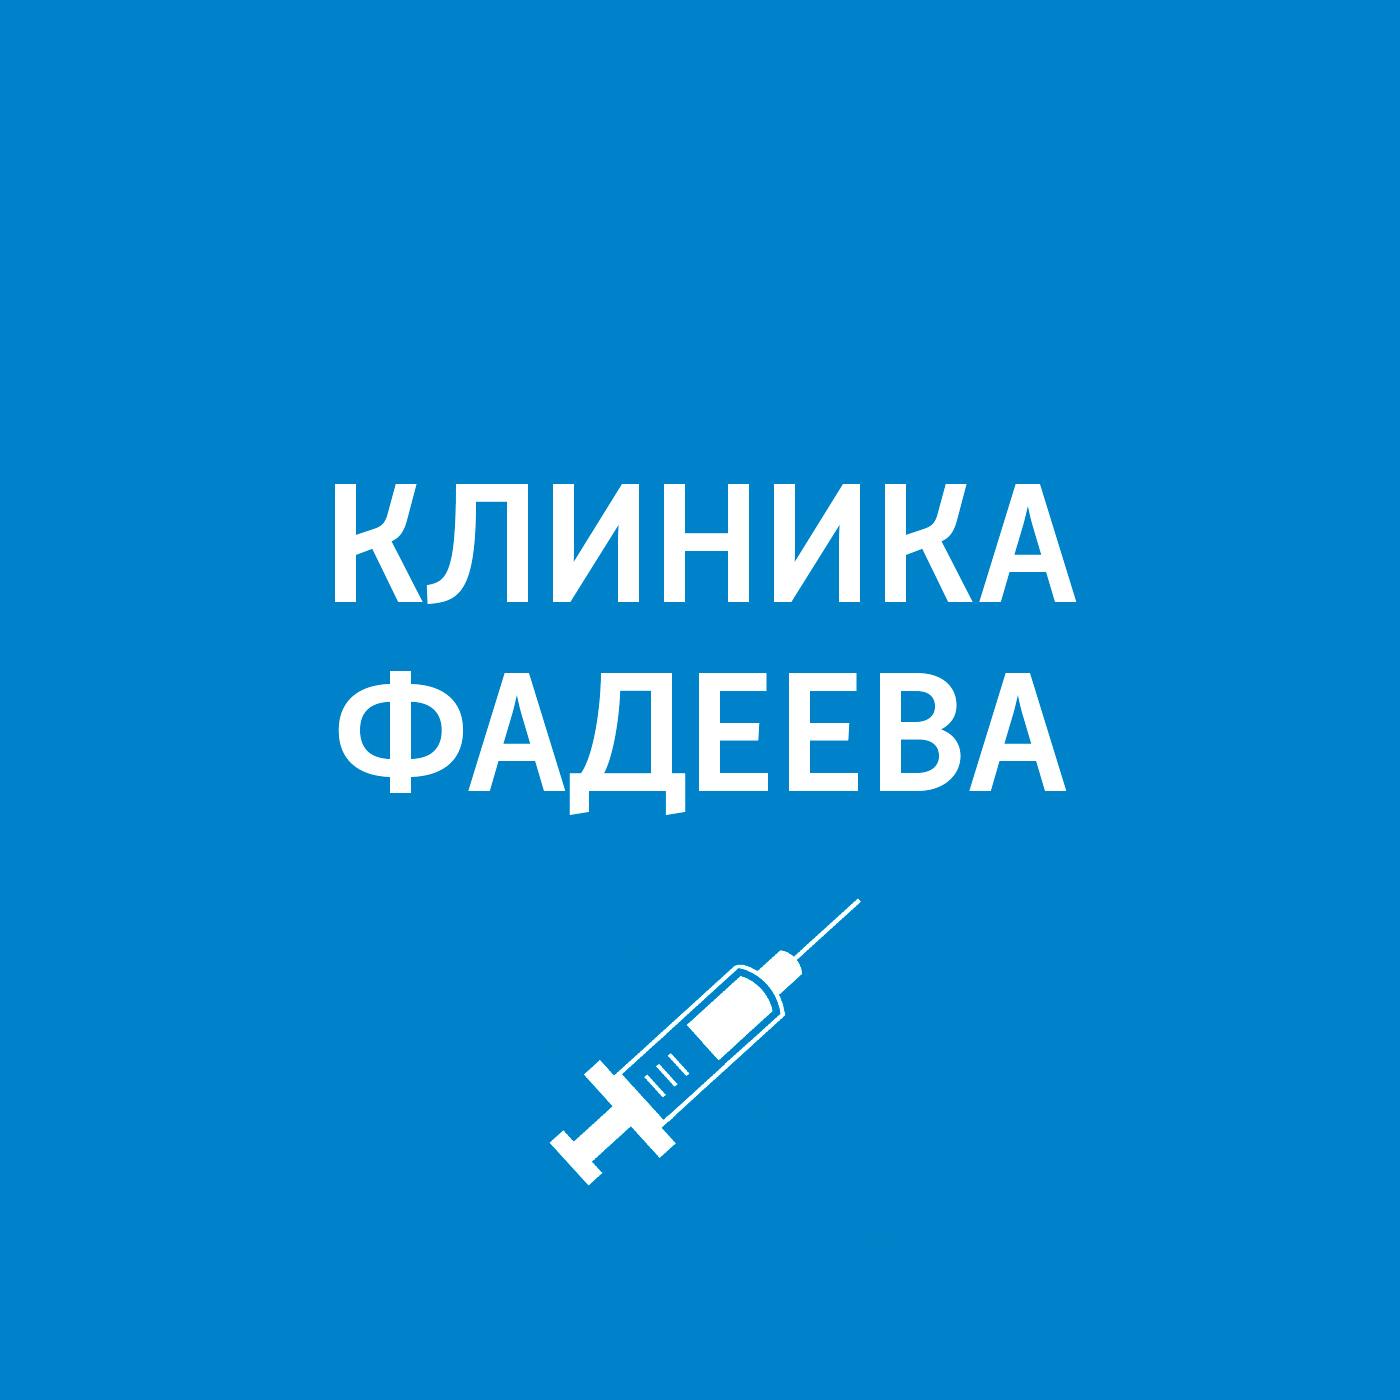 Пётр Фадеев Врач-диетолог чехонина ю фактор стройности идеальная диета